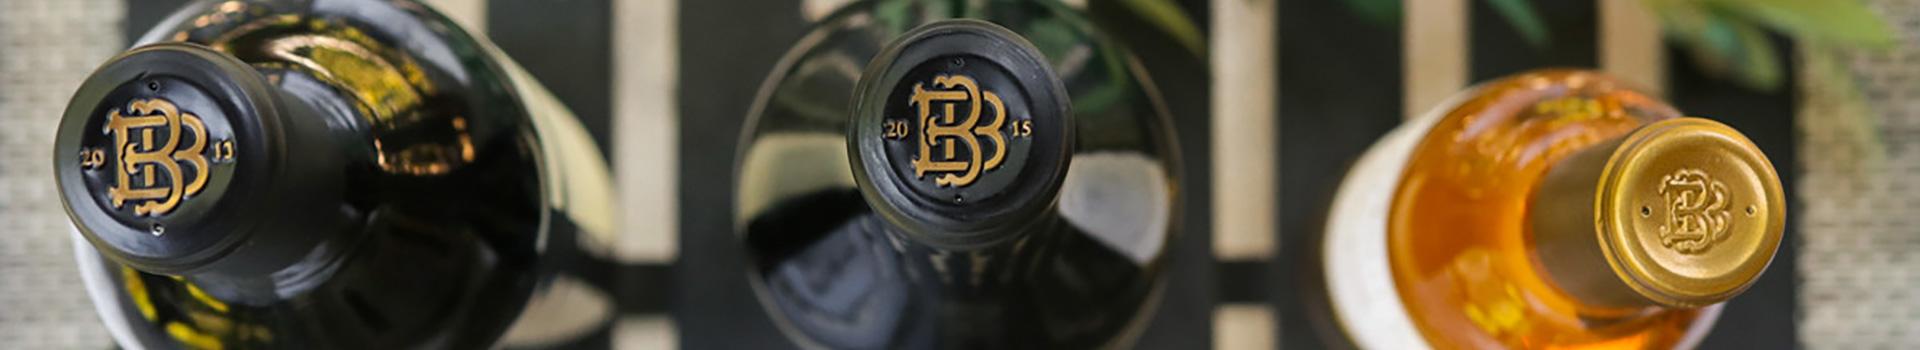 Beringer Bottle Tops